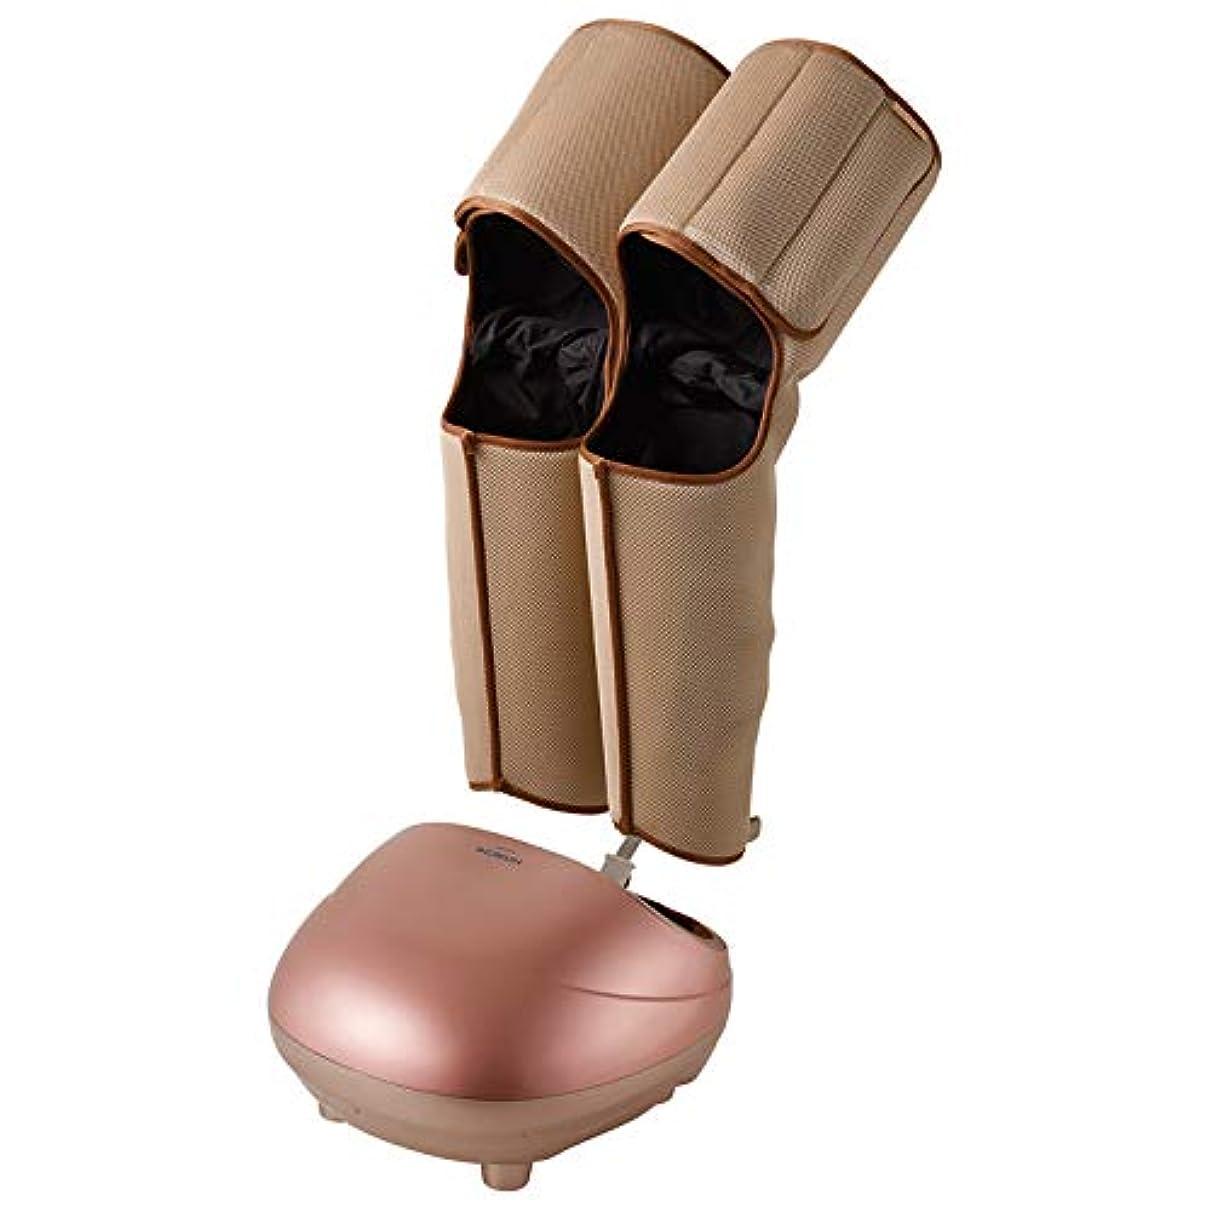 魅了する扇動するタンク日立 フットマッサージャー(ピンクゴールド)HITACHI Foot CRiE(フットクリエ) HFM-3000-P